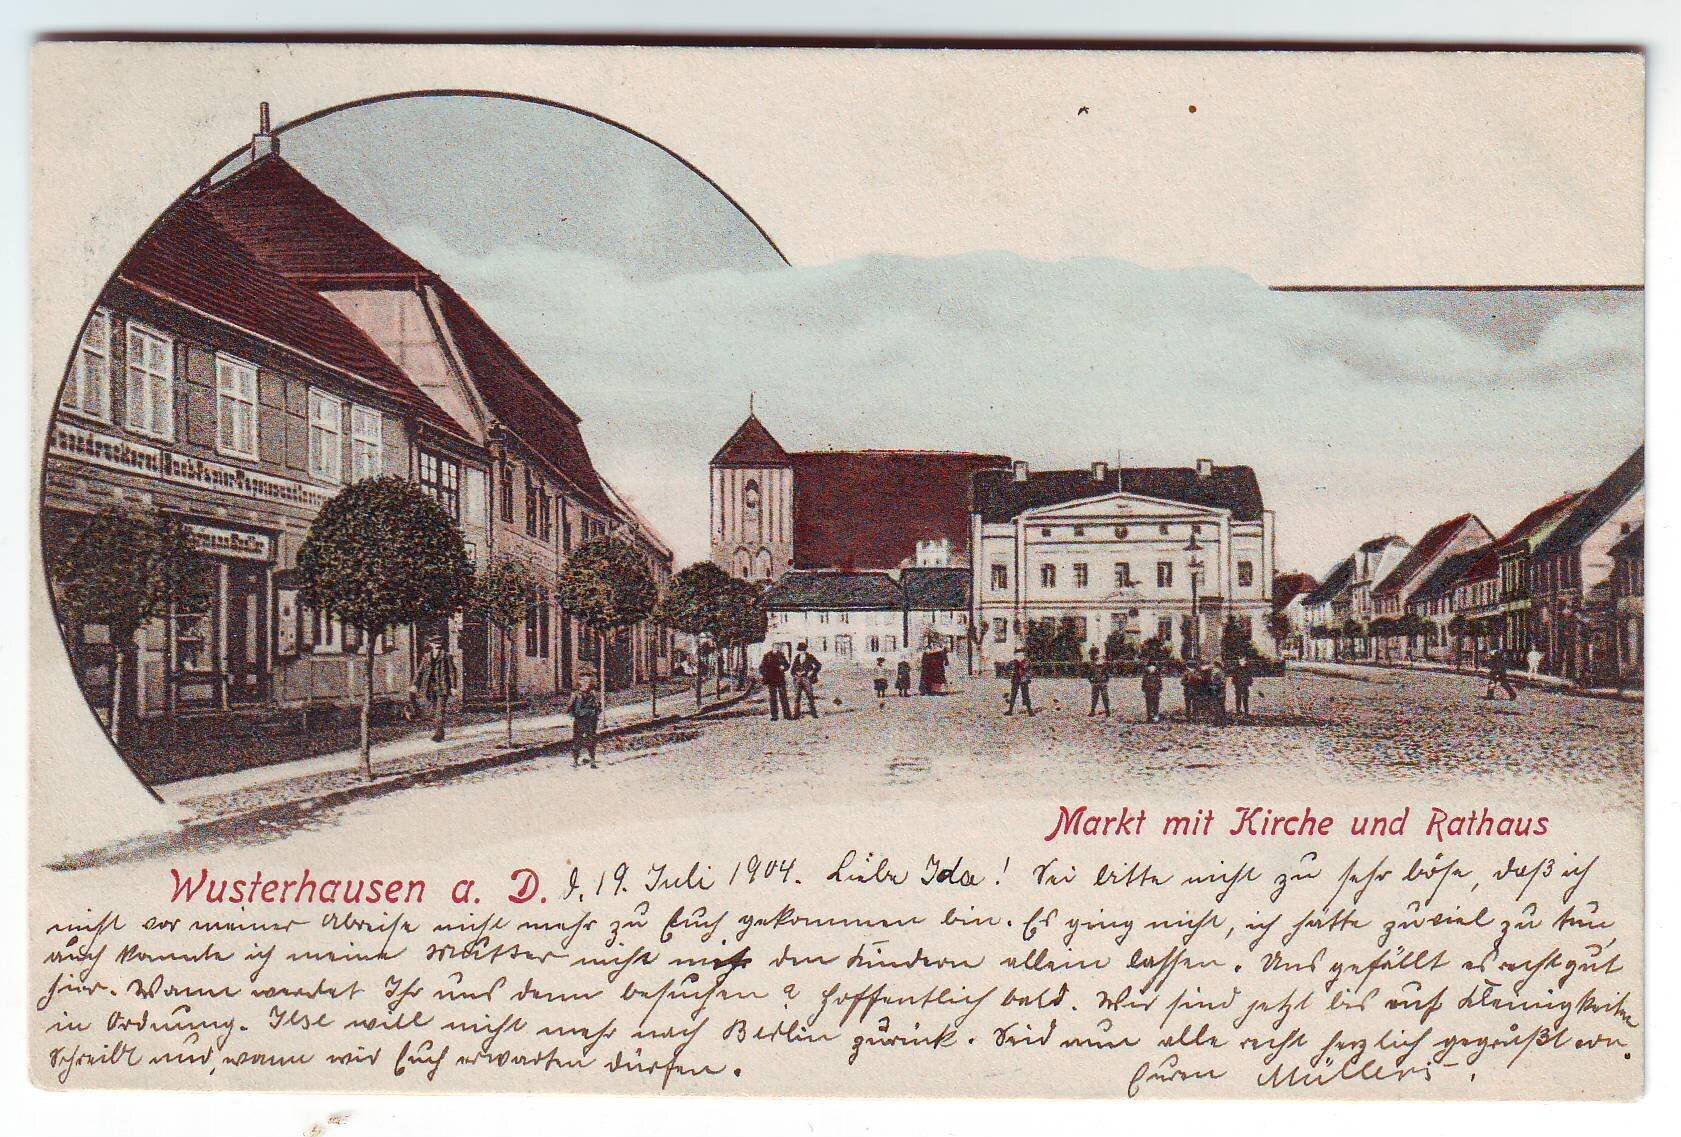 Postkarte von 1904 Quelle: Archiv Wegemuseum